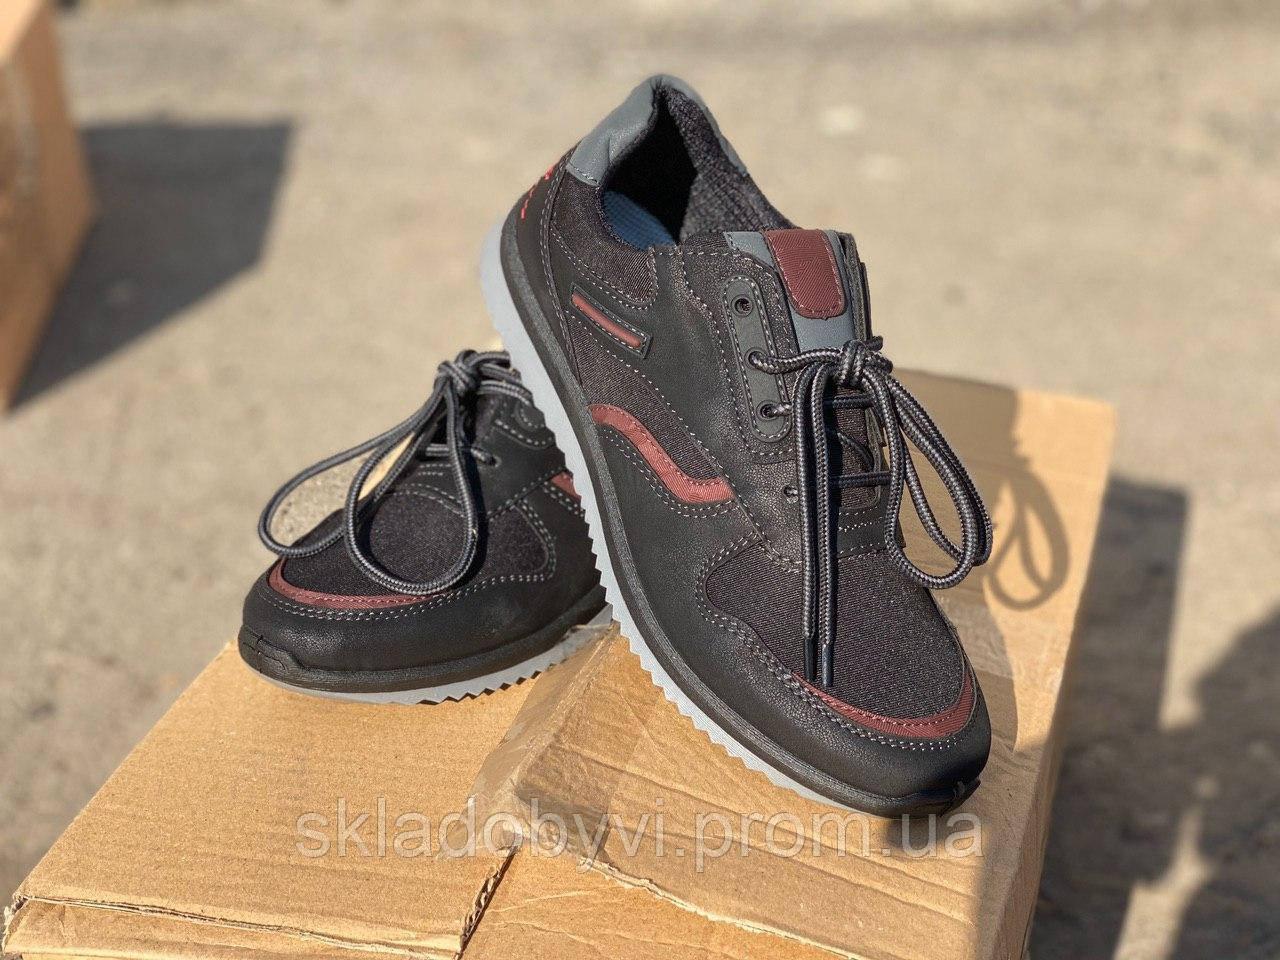 Підліткові кросівки оптом DAGO М 2063